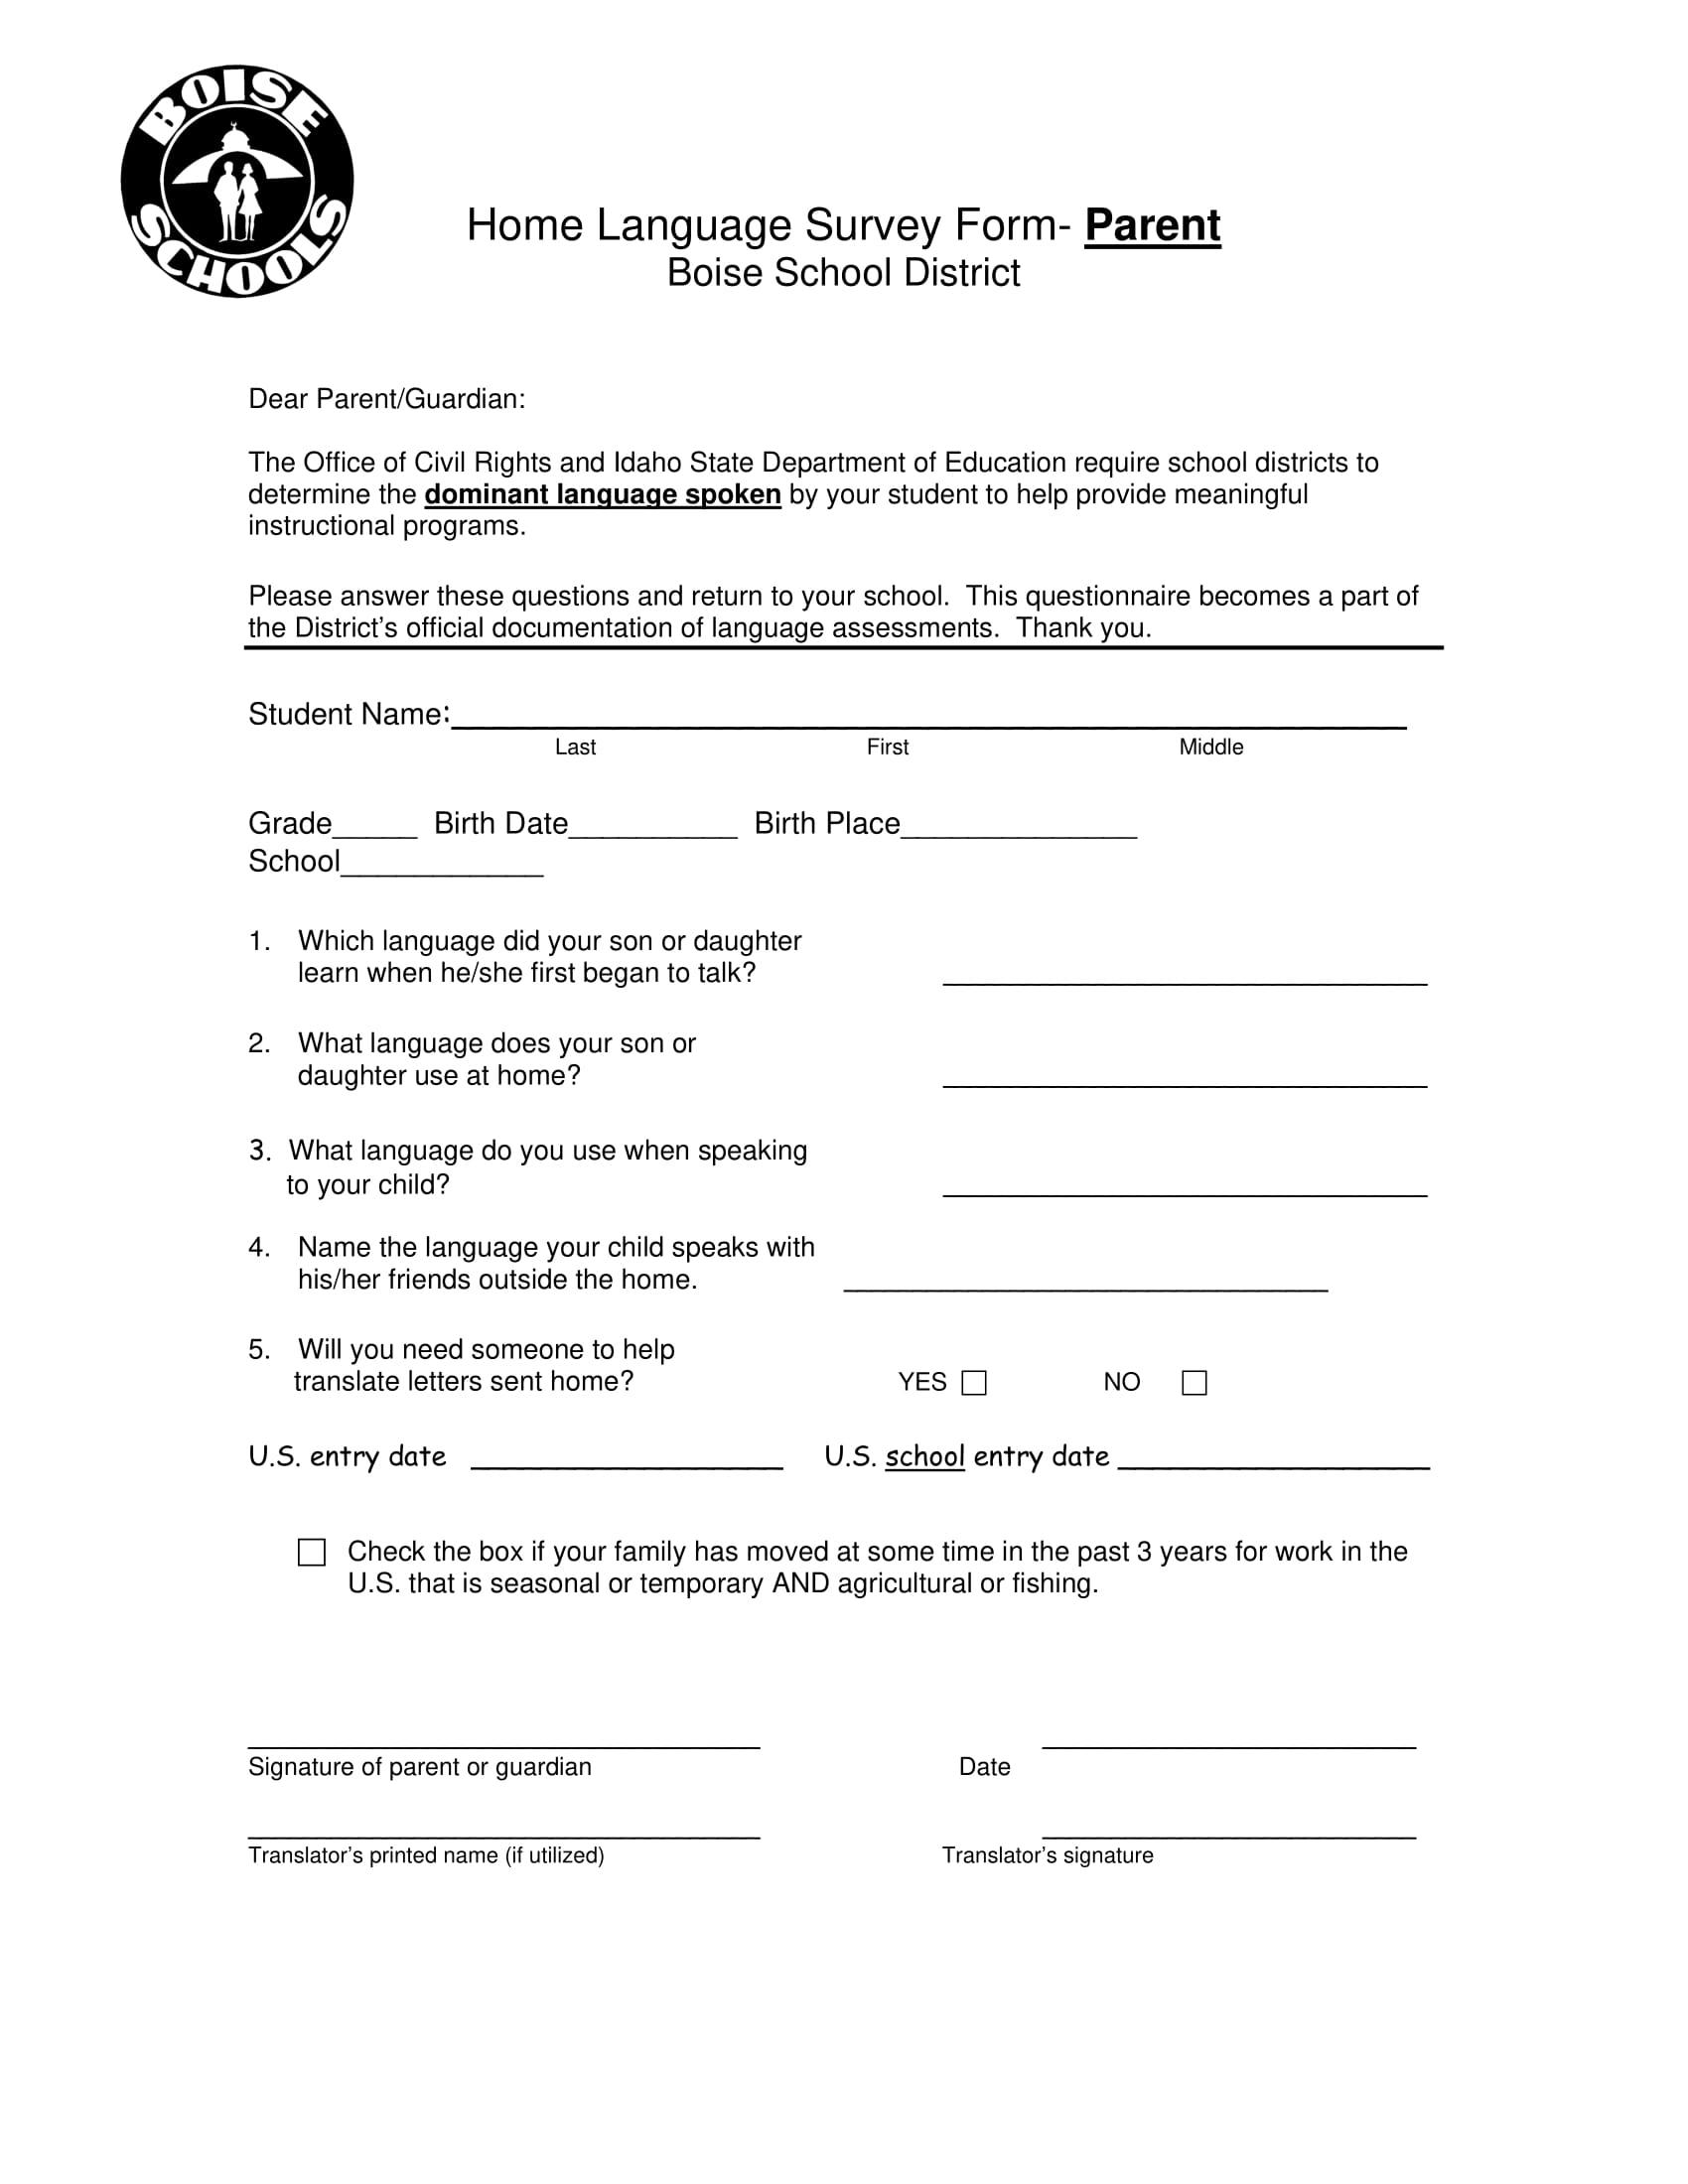 parent home language survey form 1